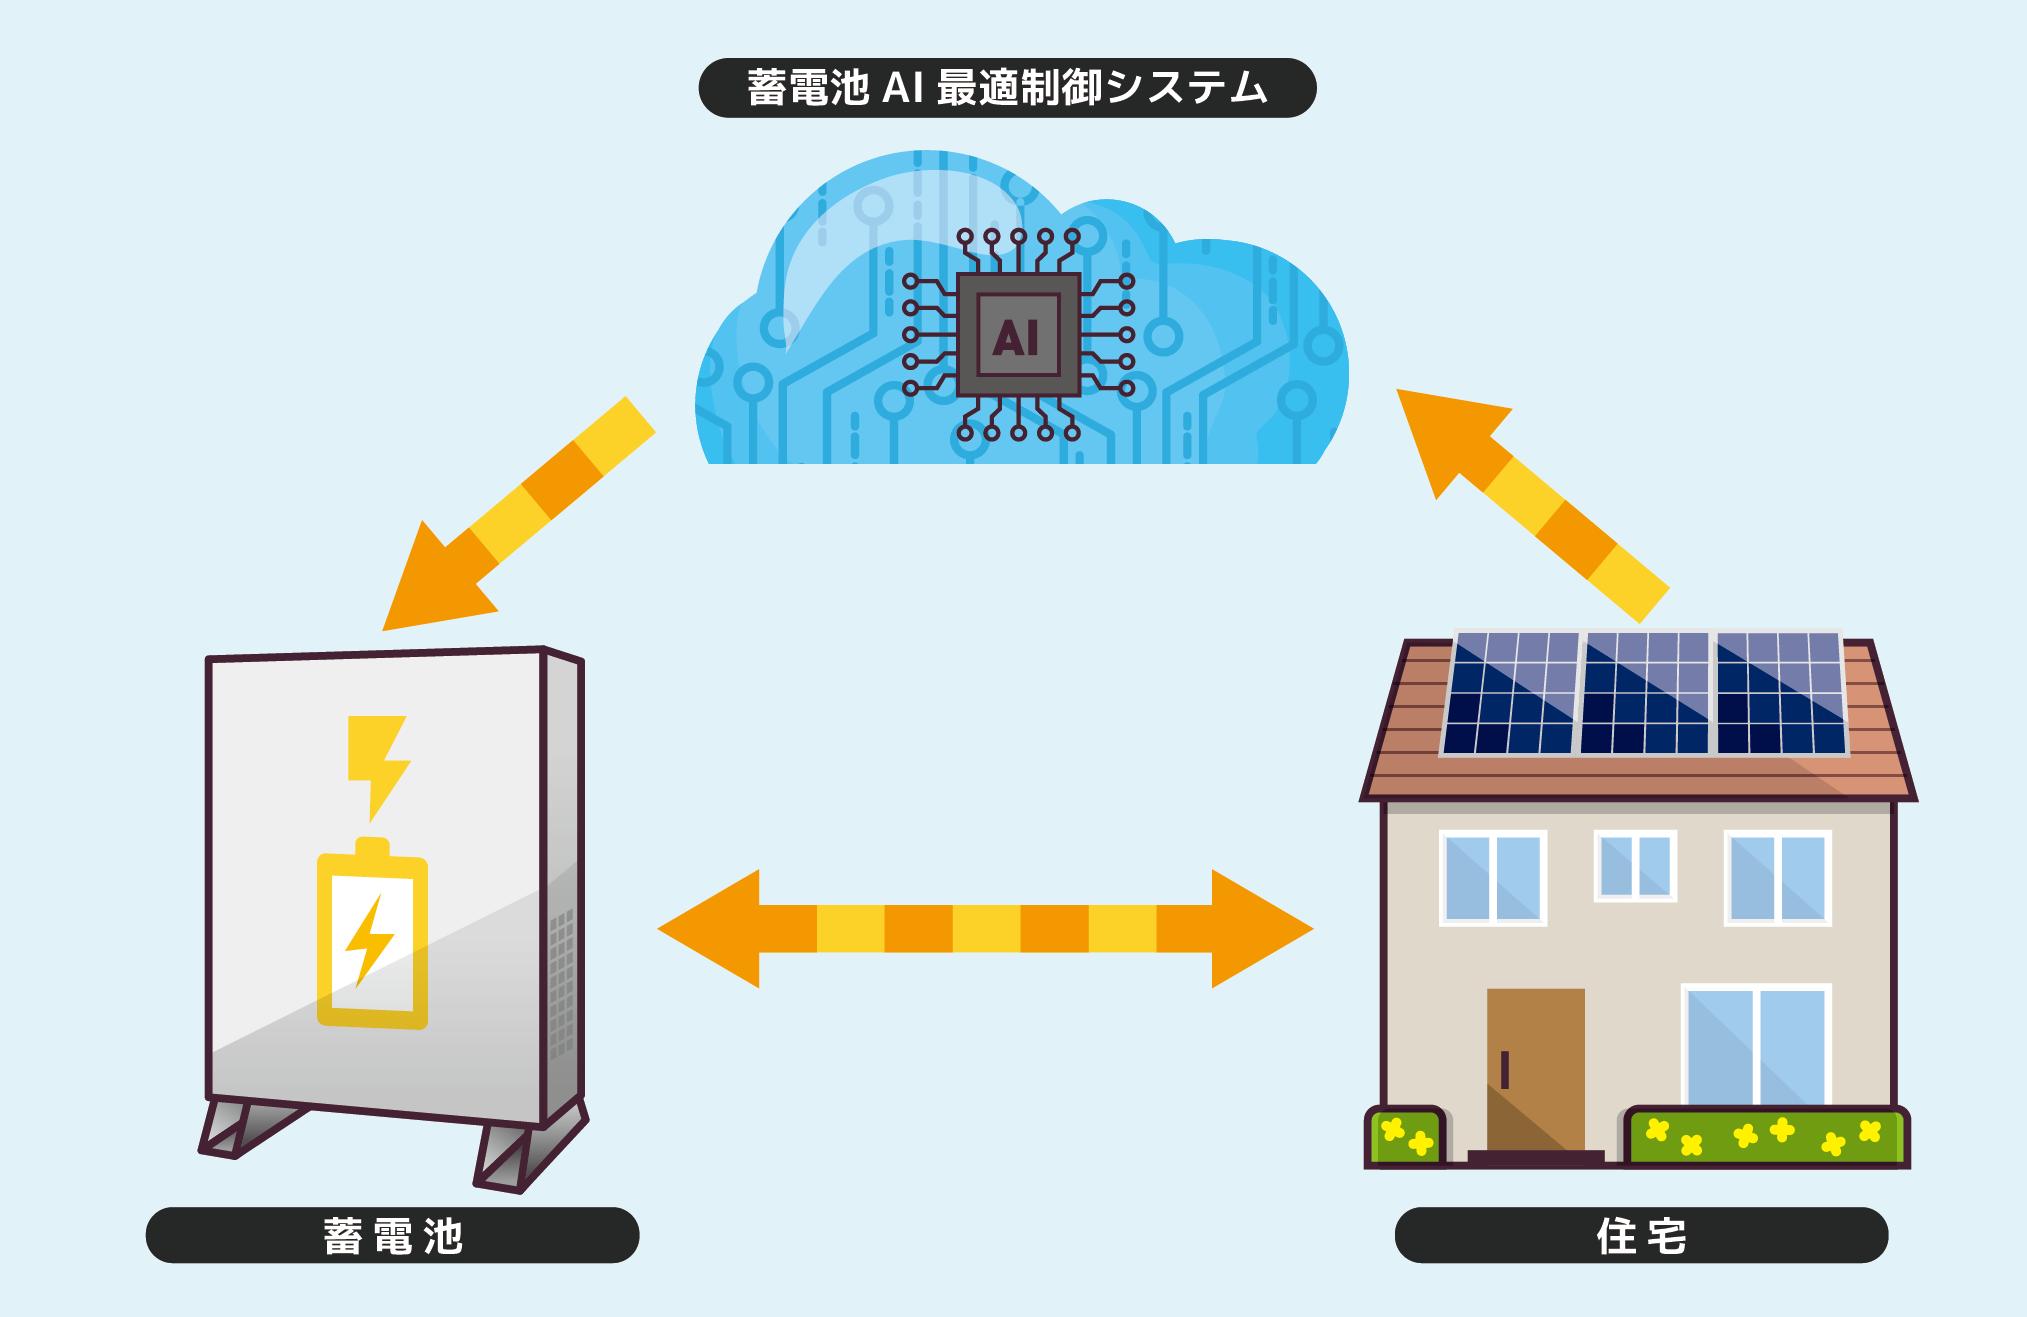 蓄電池AI最適制御システム_01.png